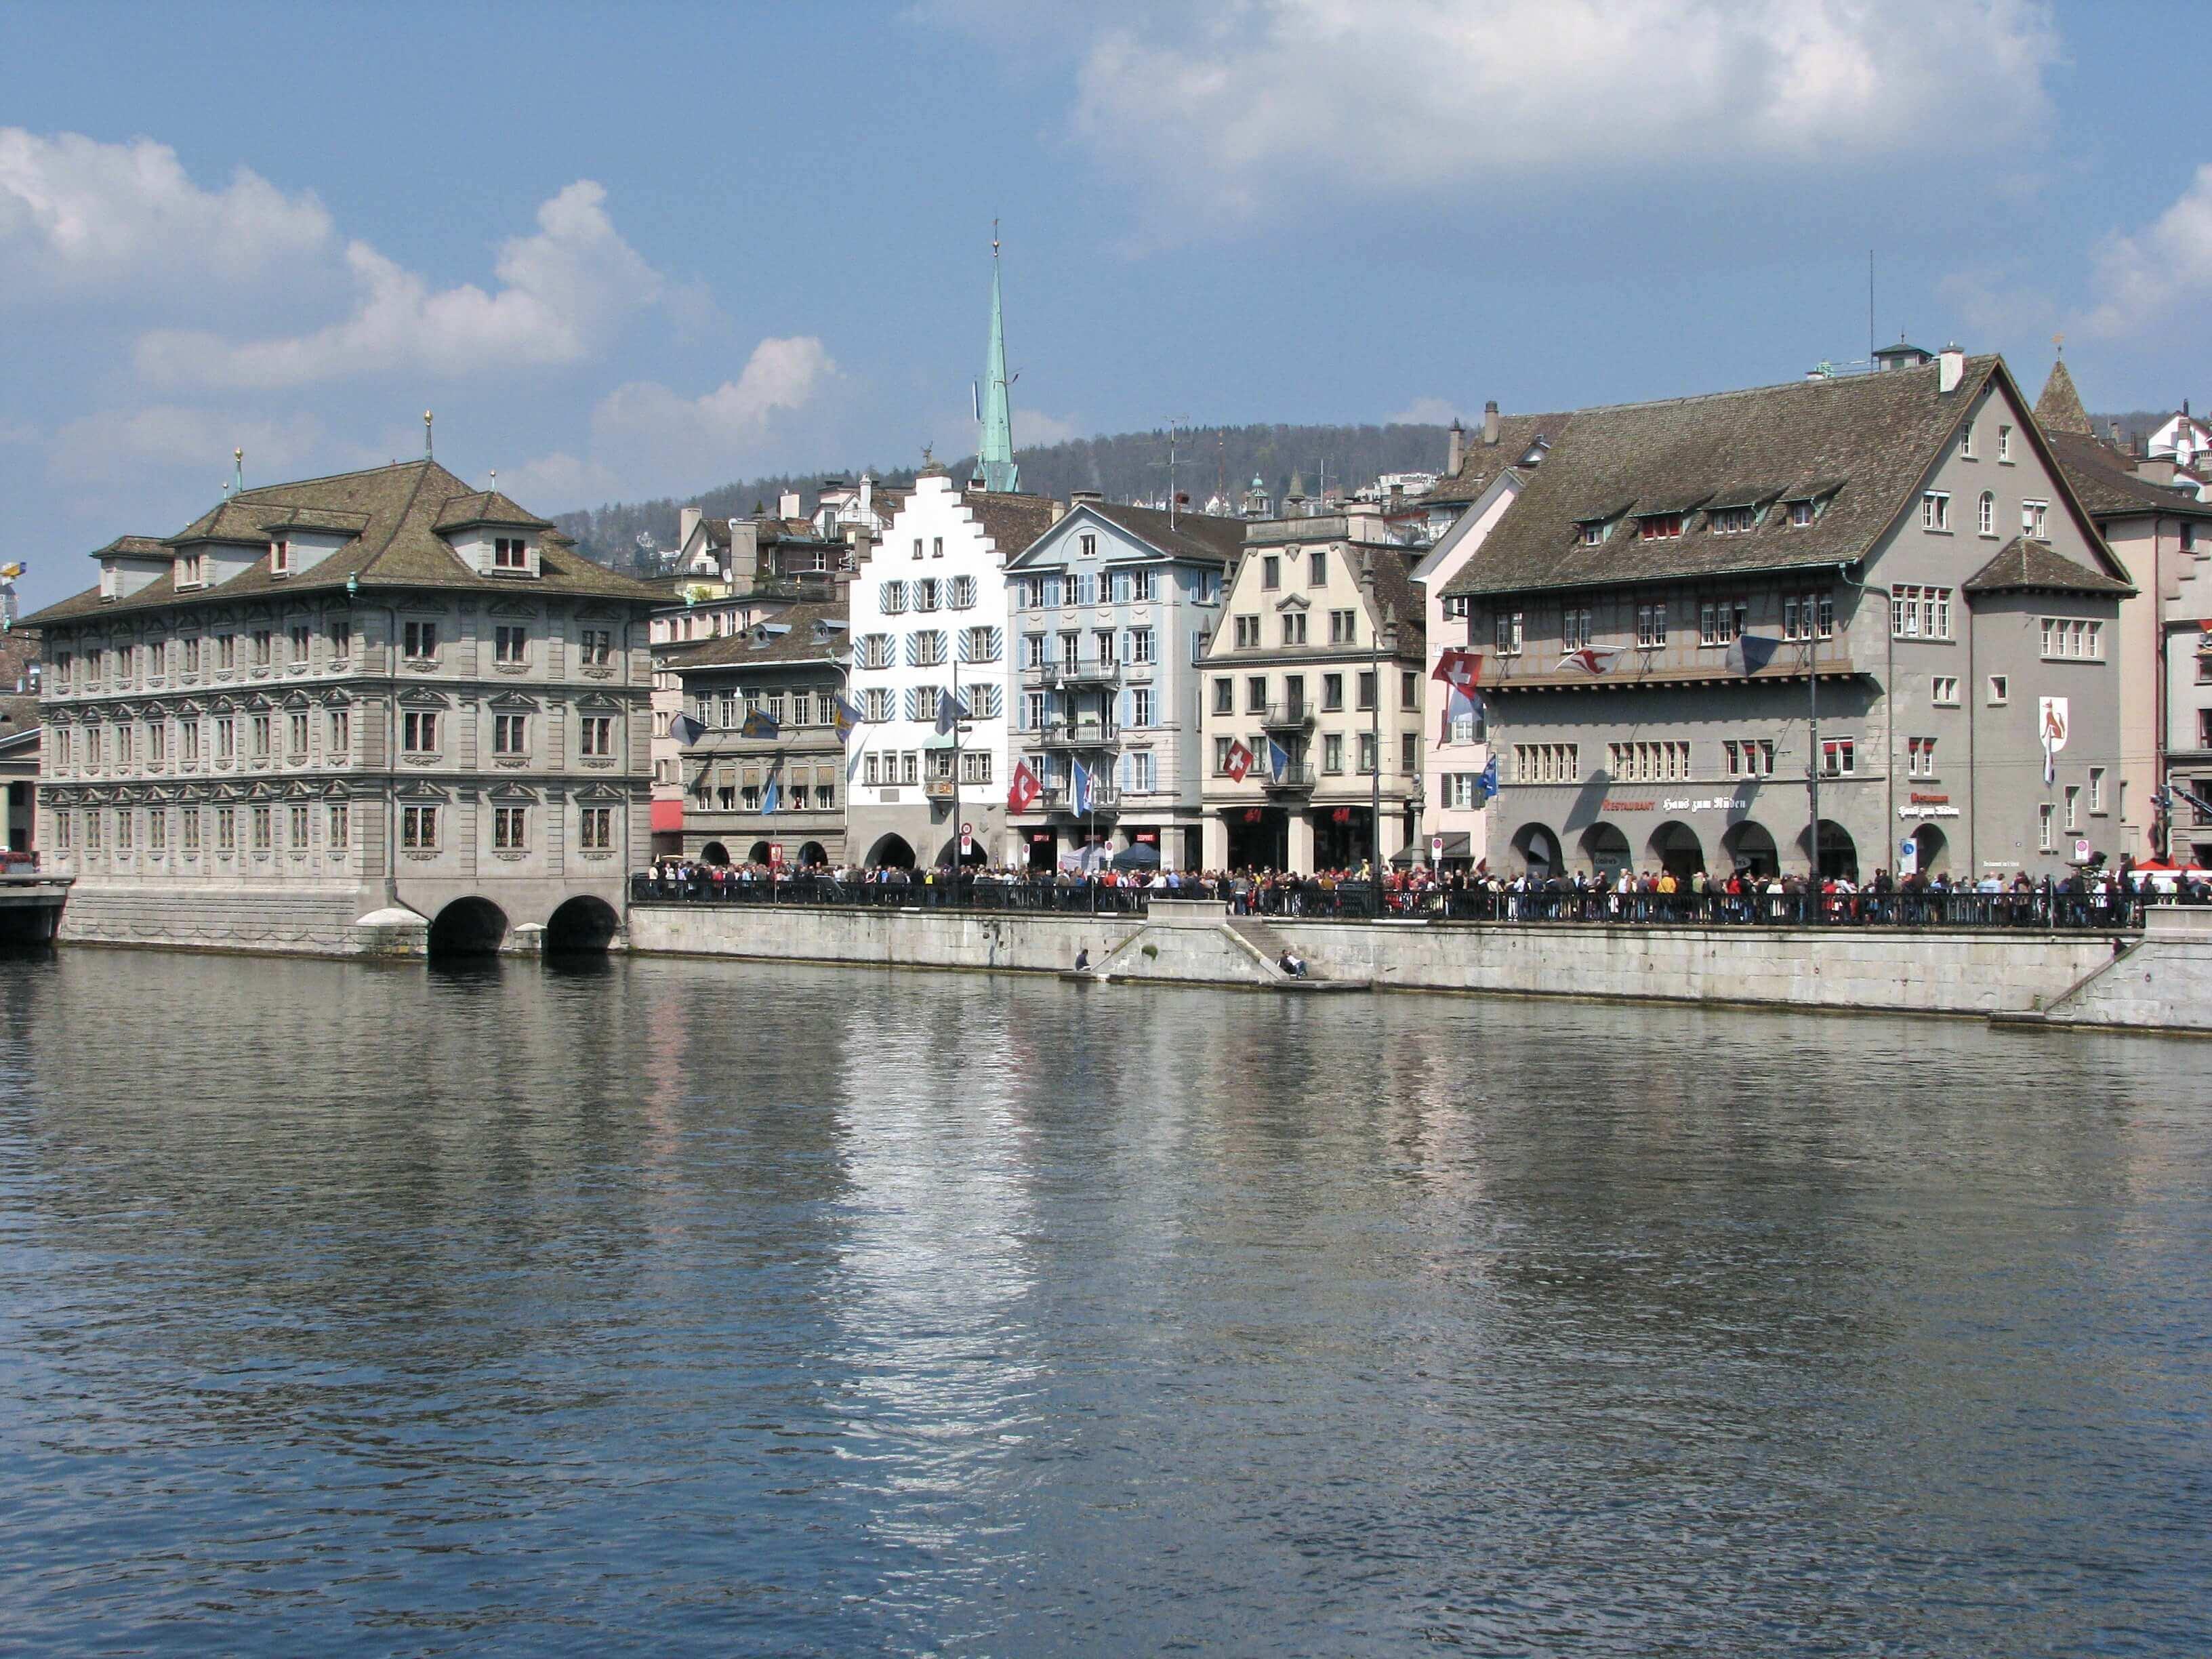 typisch schweiz teuerste stadt